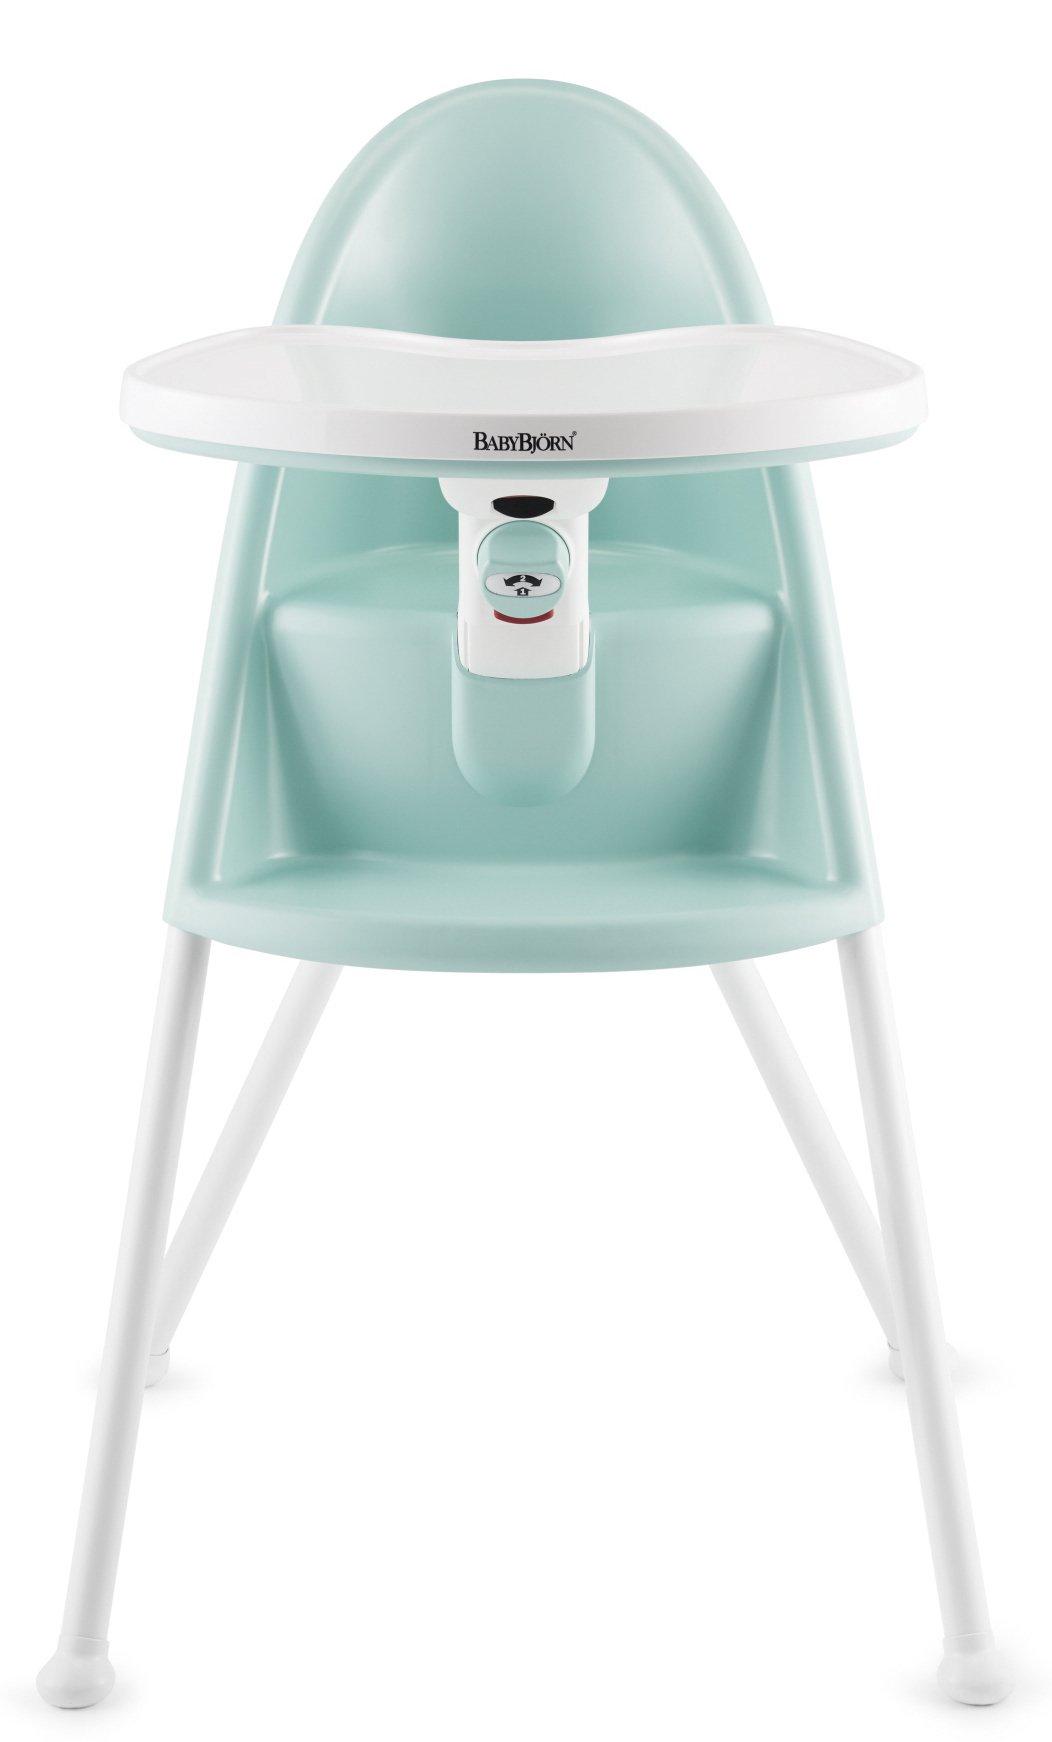 BABYBJORN High Chair - Light Green